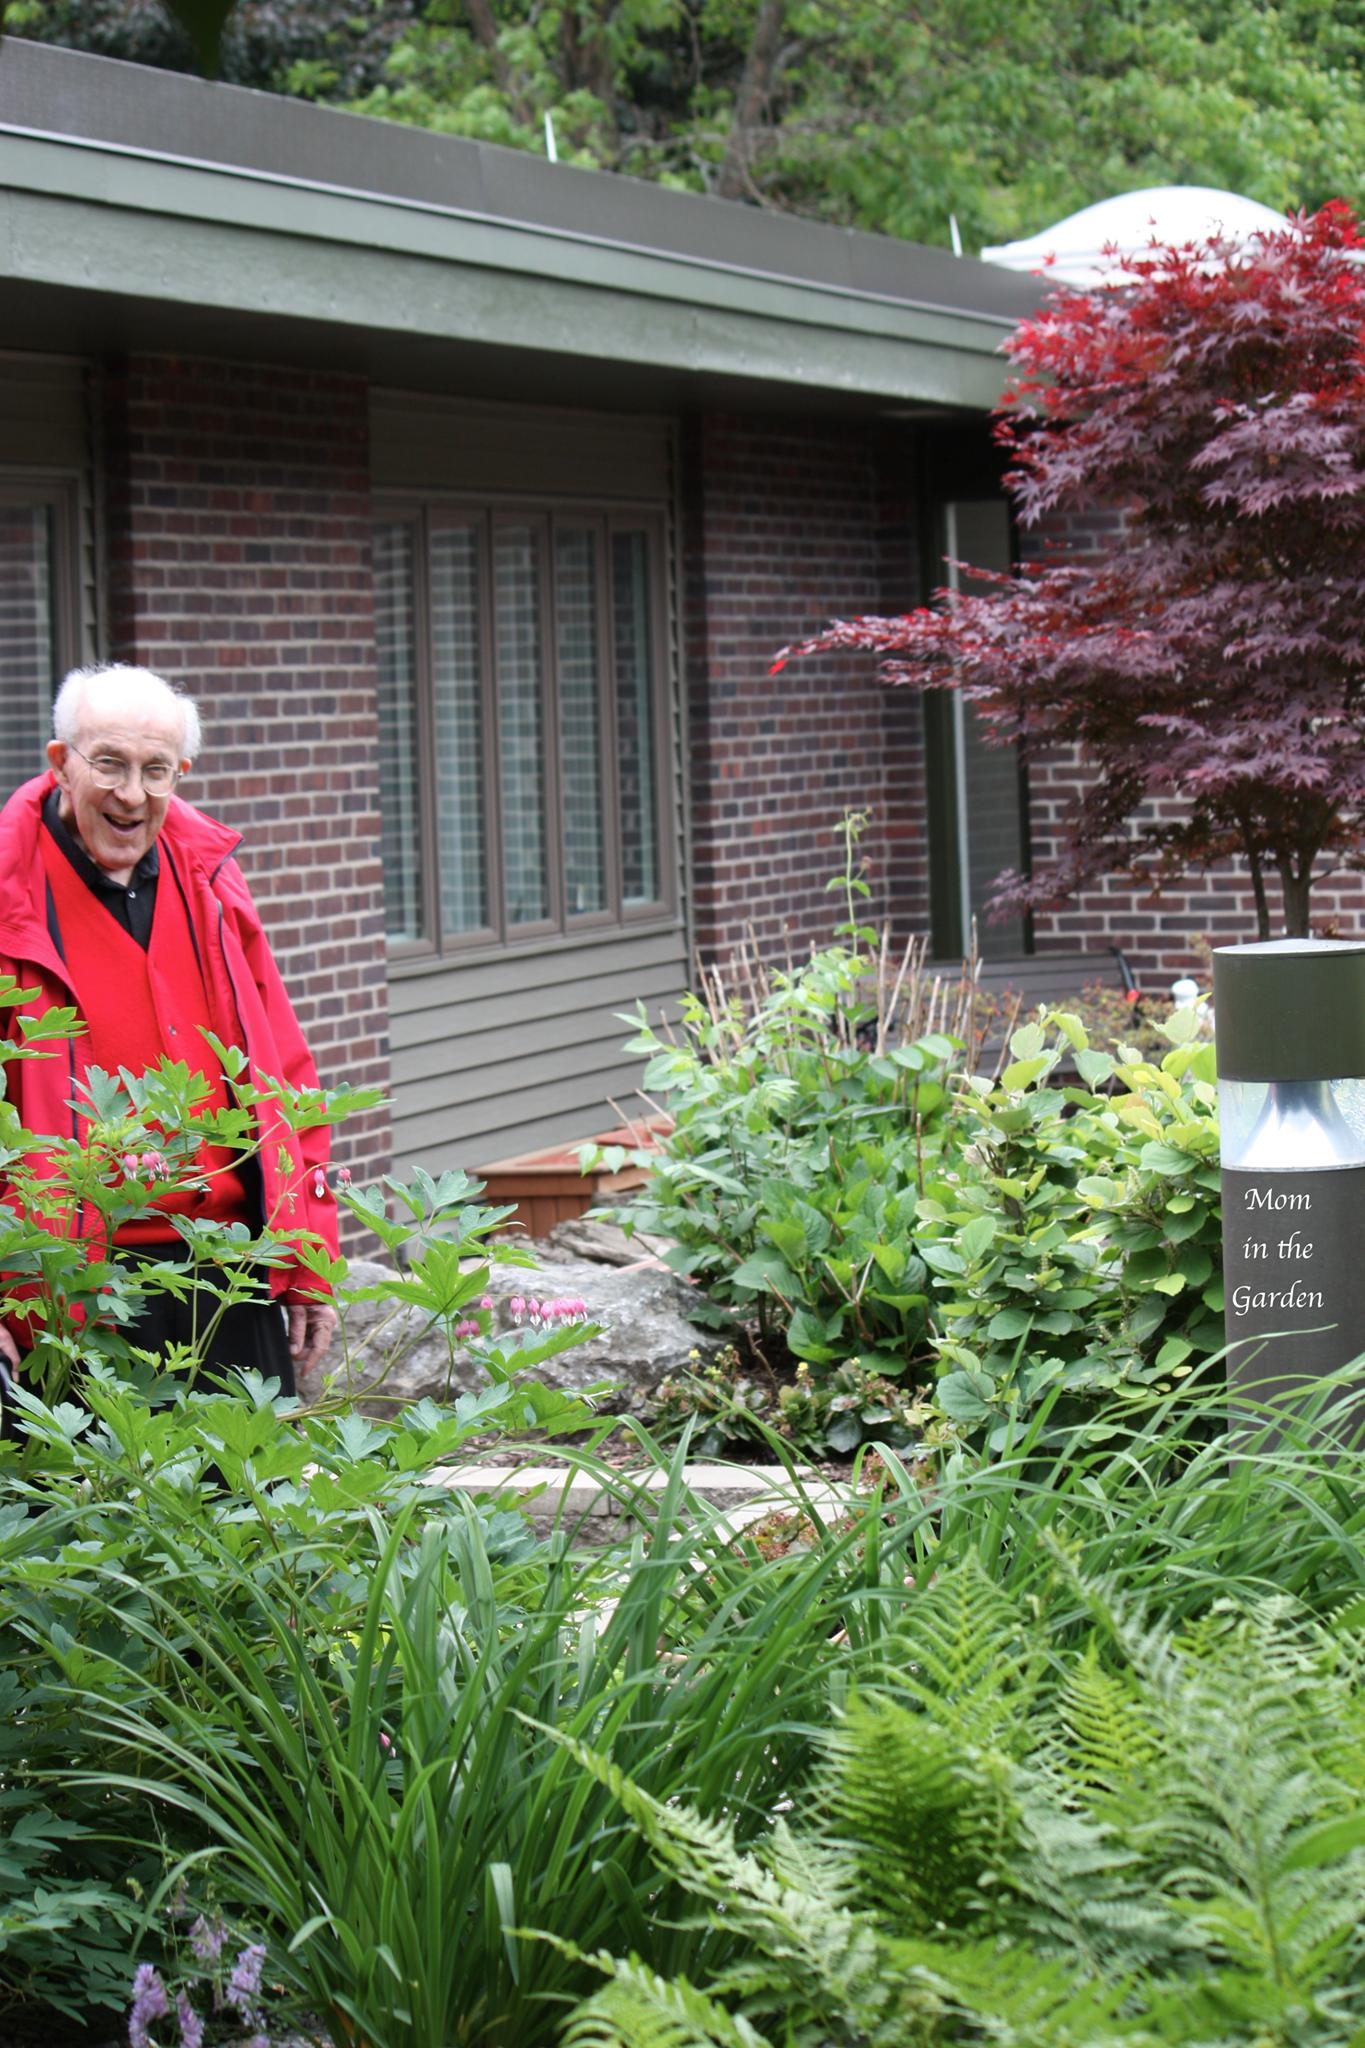 Monsignor in his garden